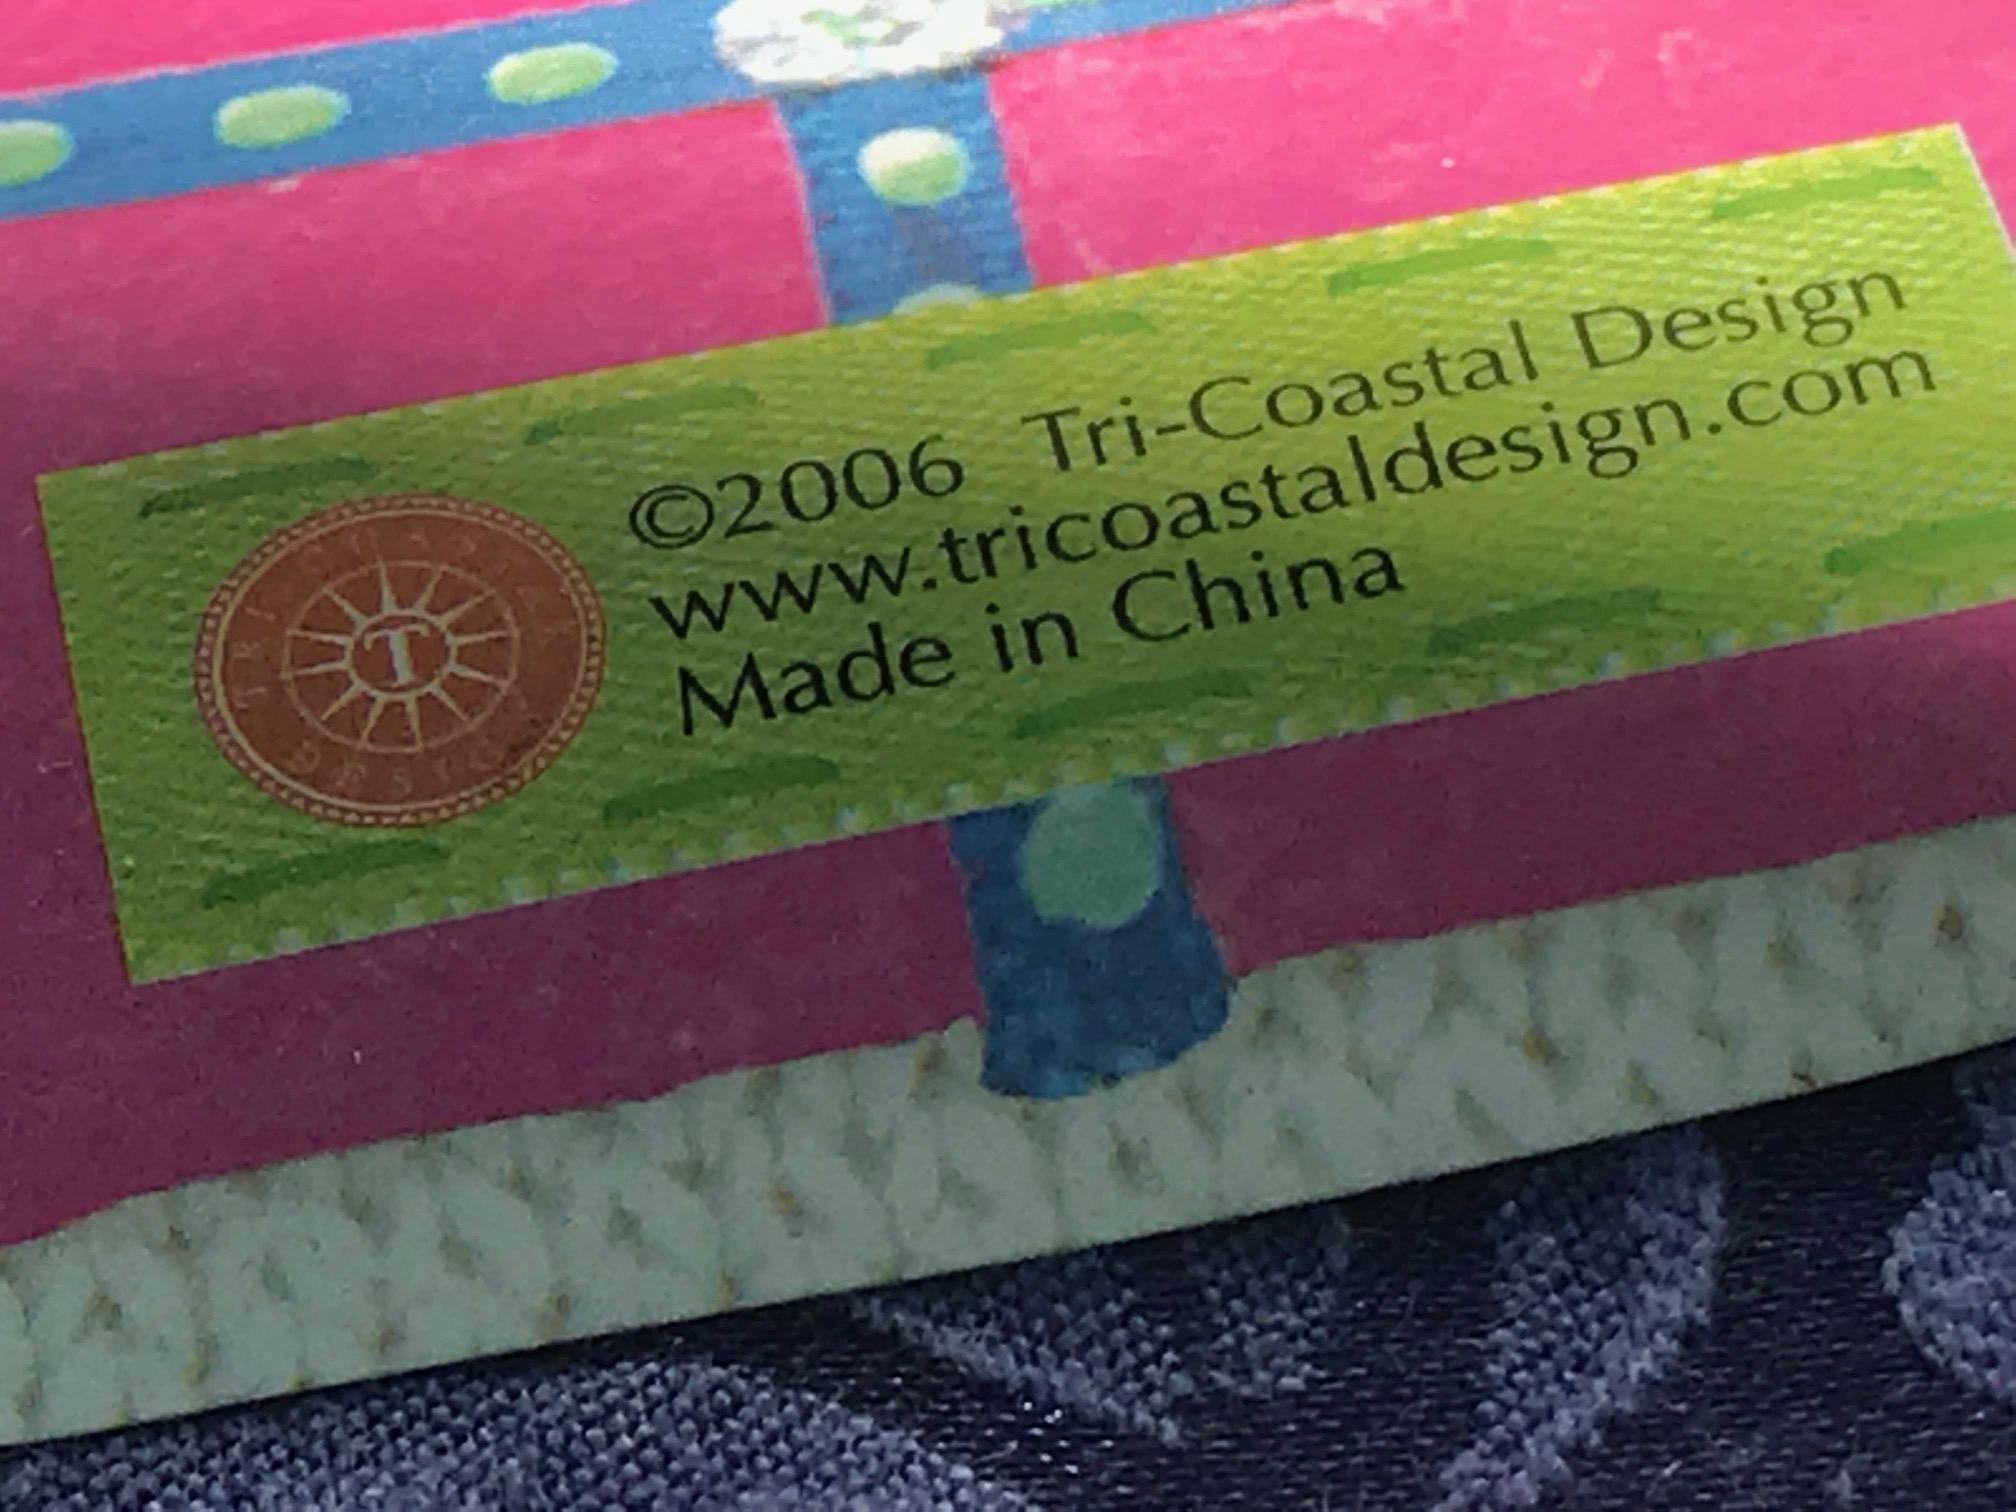 Glazed Ceramic Christmas Stocking Desk Decoration, by TriCoastalDesign.com